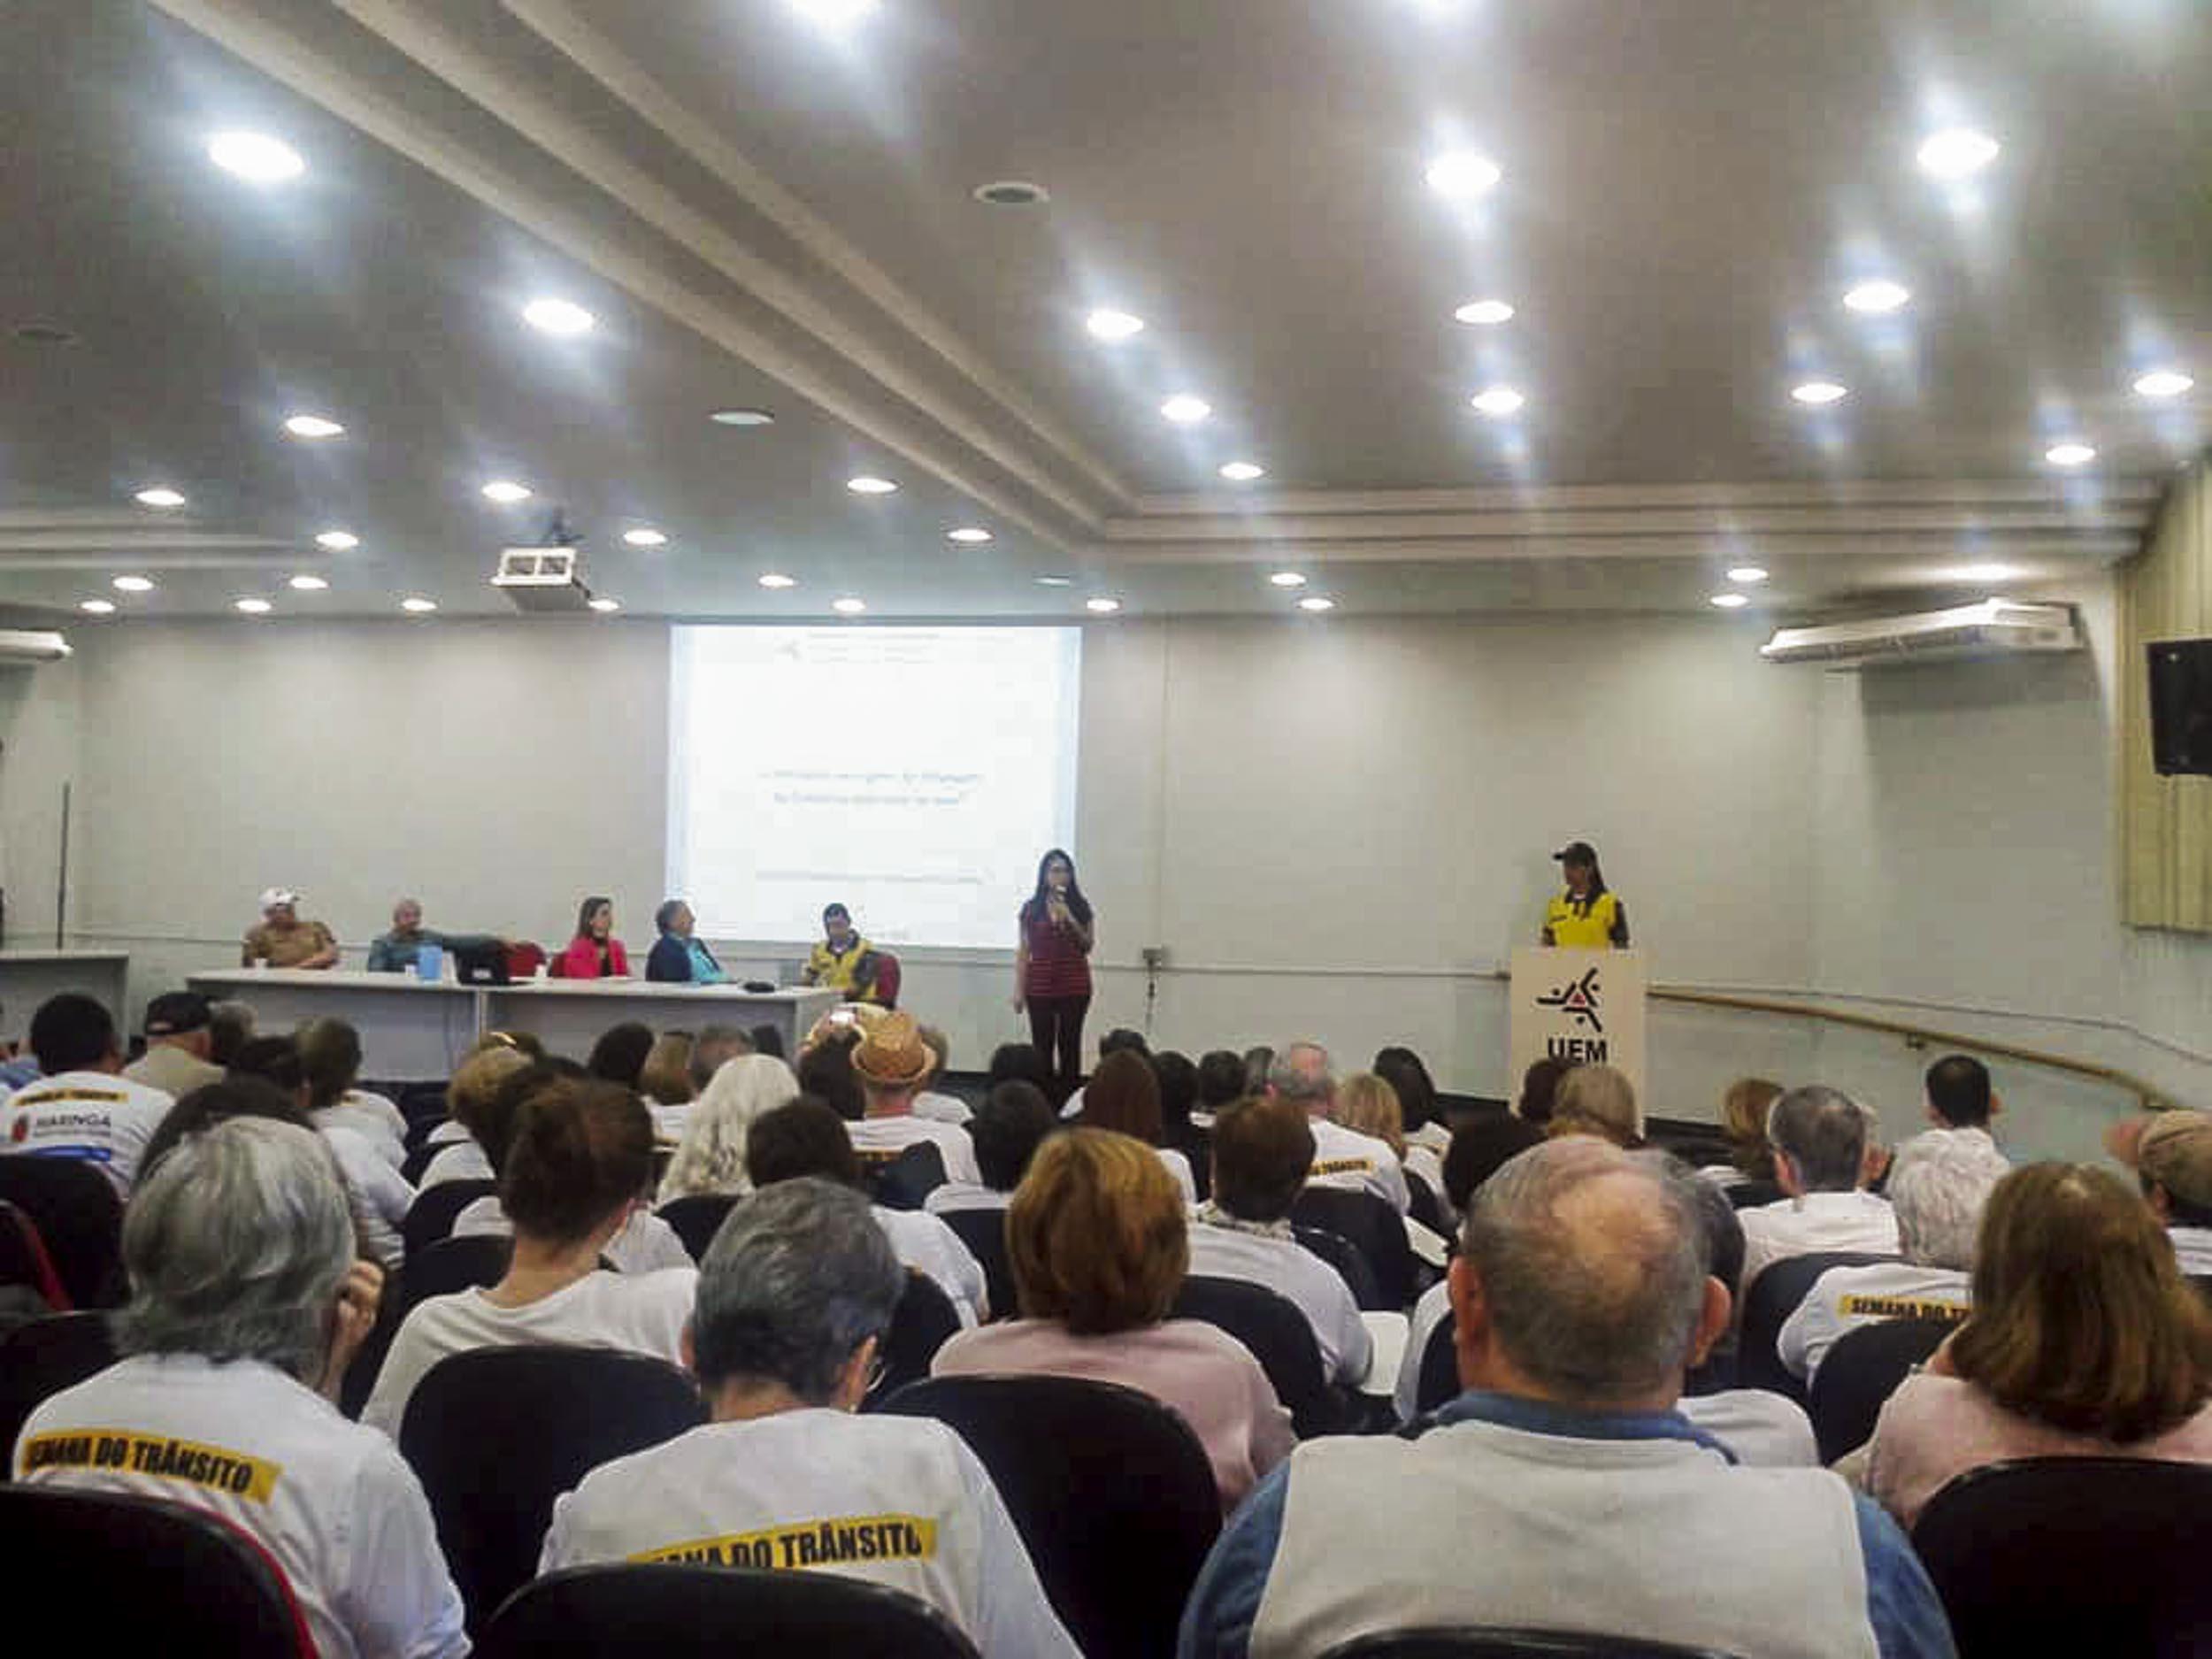 Projeto lançado na UEM dá início às ações para proteger o idoso no trânsito